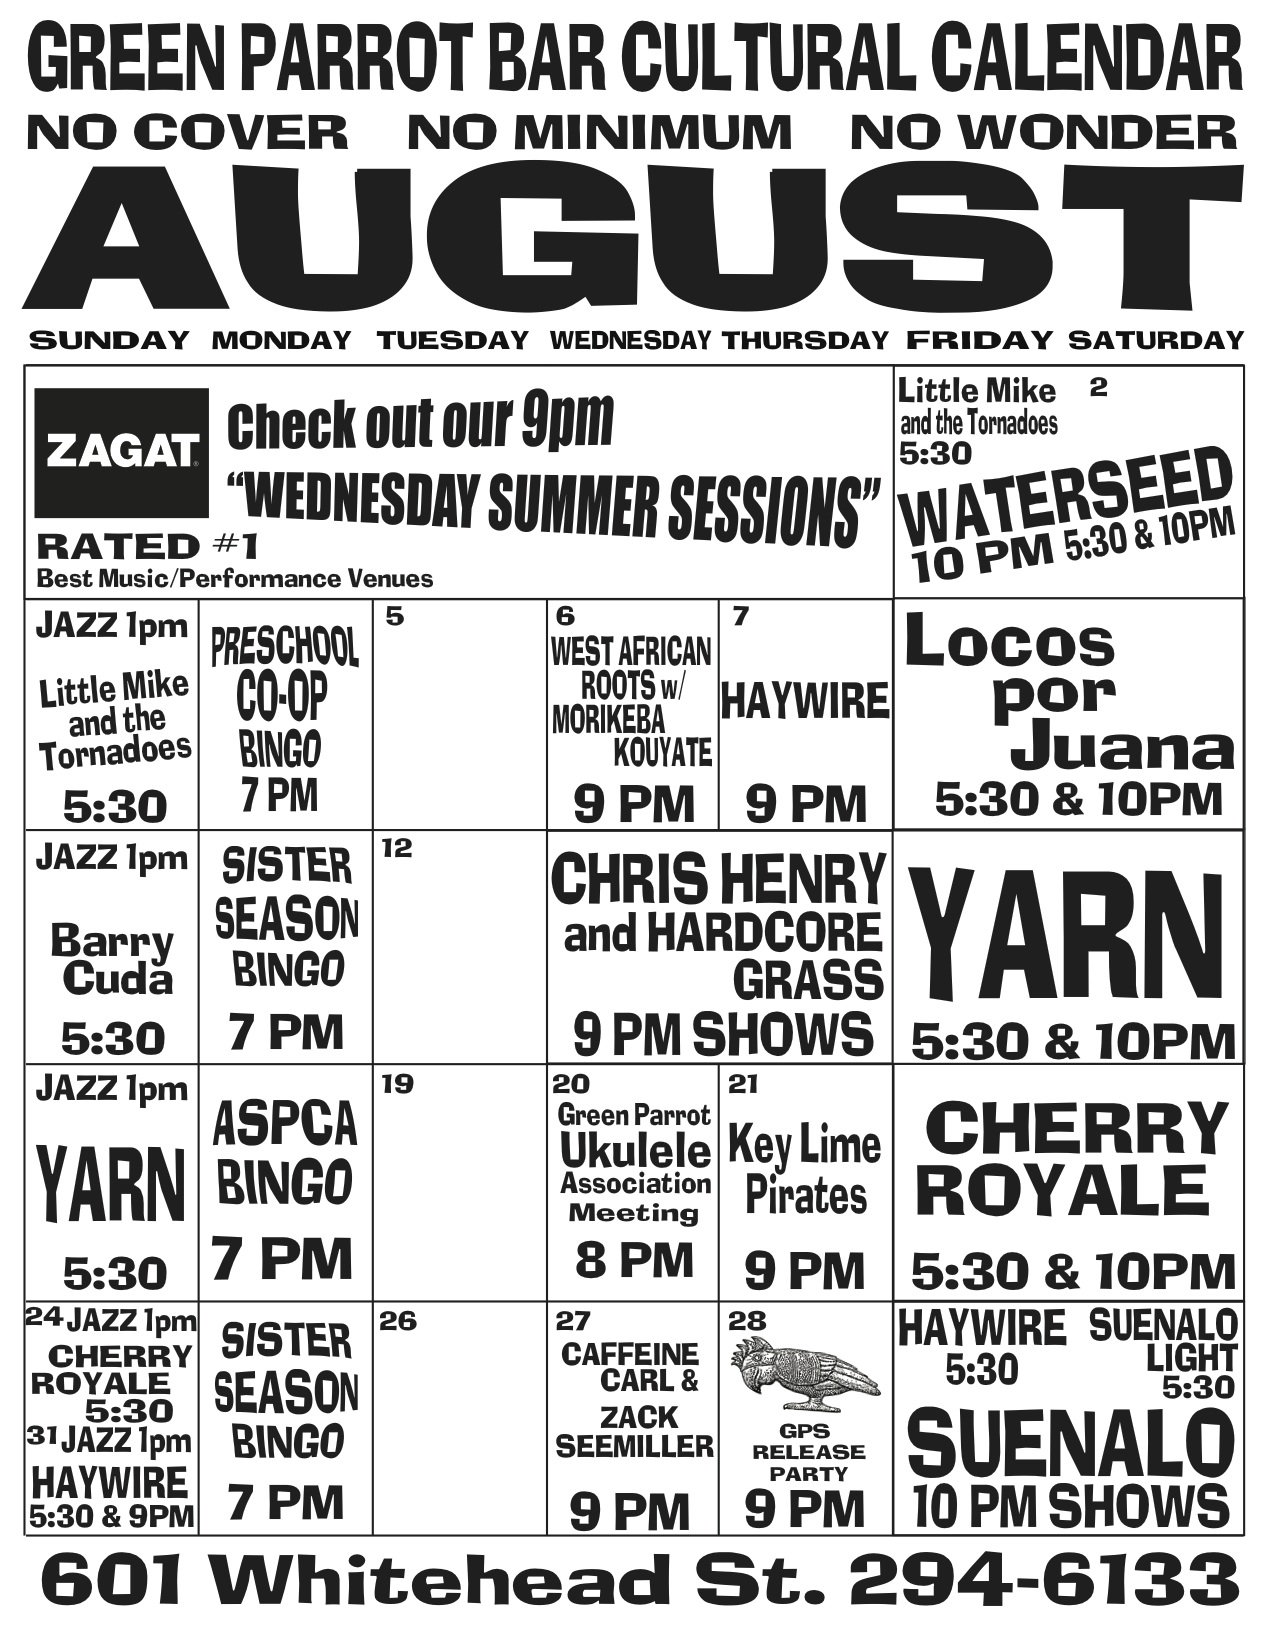 Green Parrot August Cultural Calendar